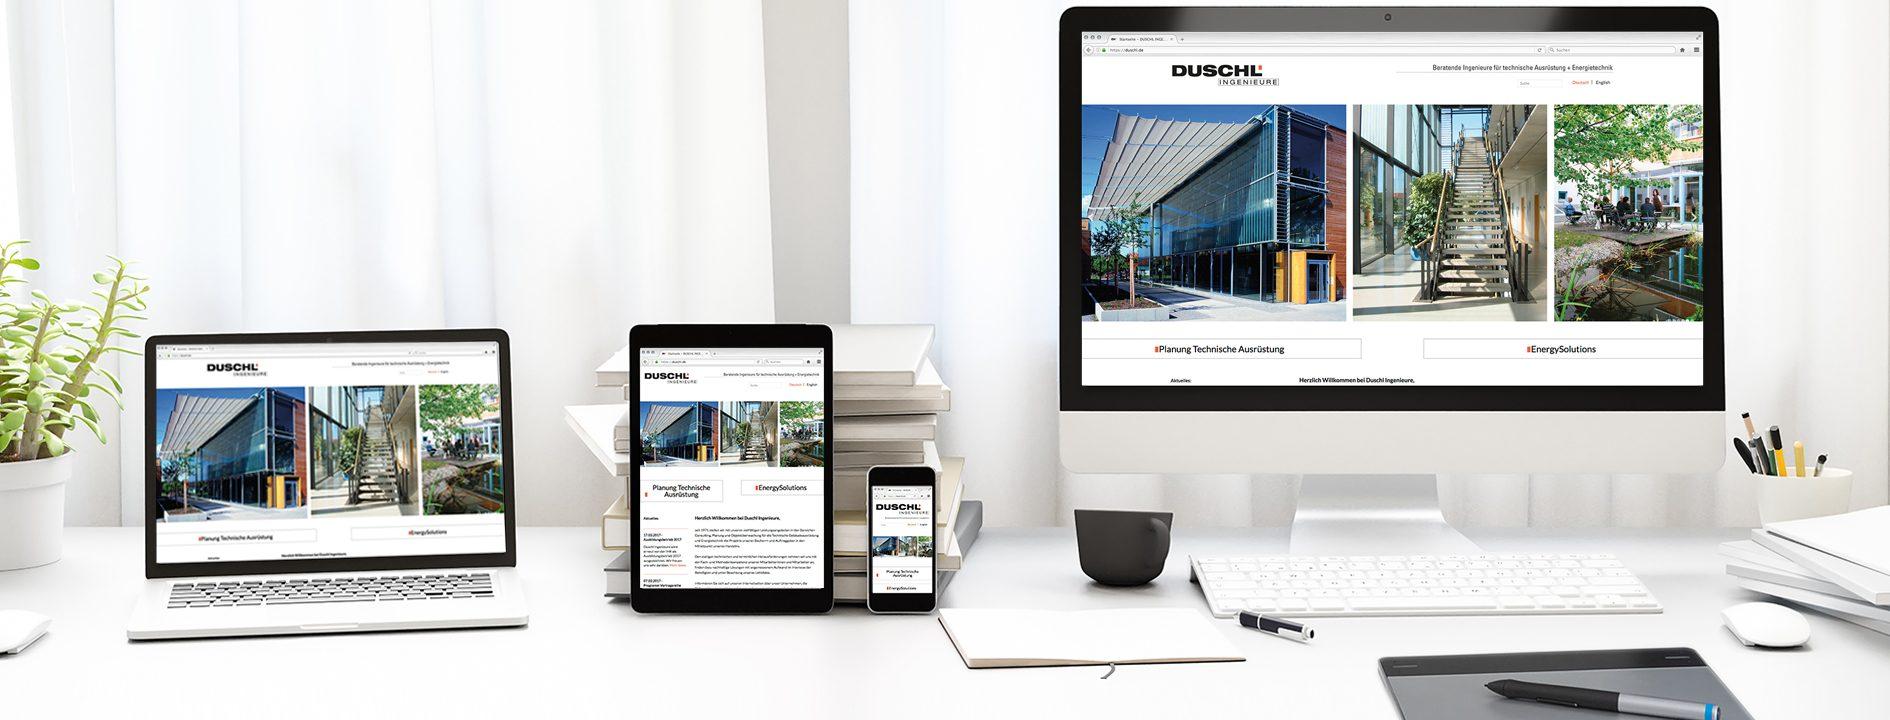 Hier ist die neue responsive Website von Duschl Ingenieure auf verschiedenen Endgeräten abgebildet.